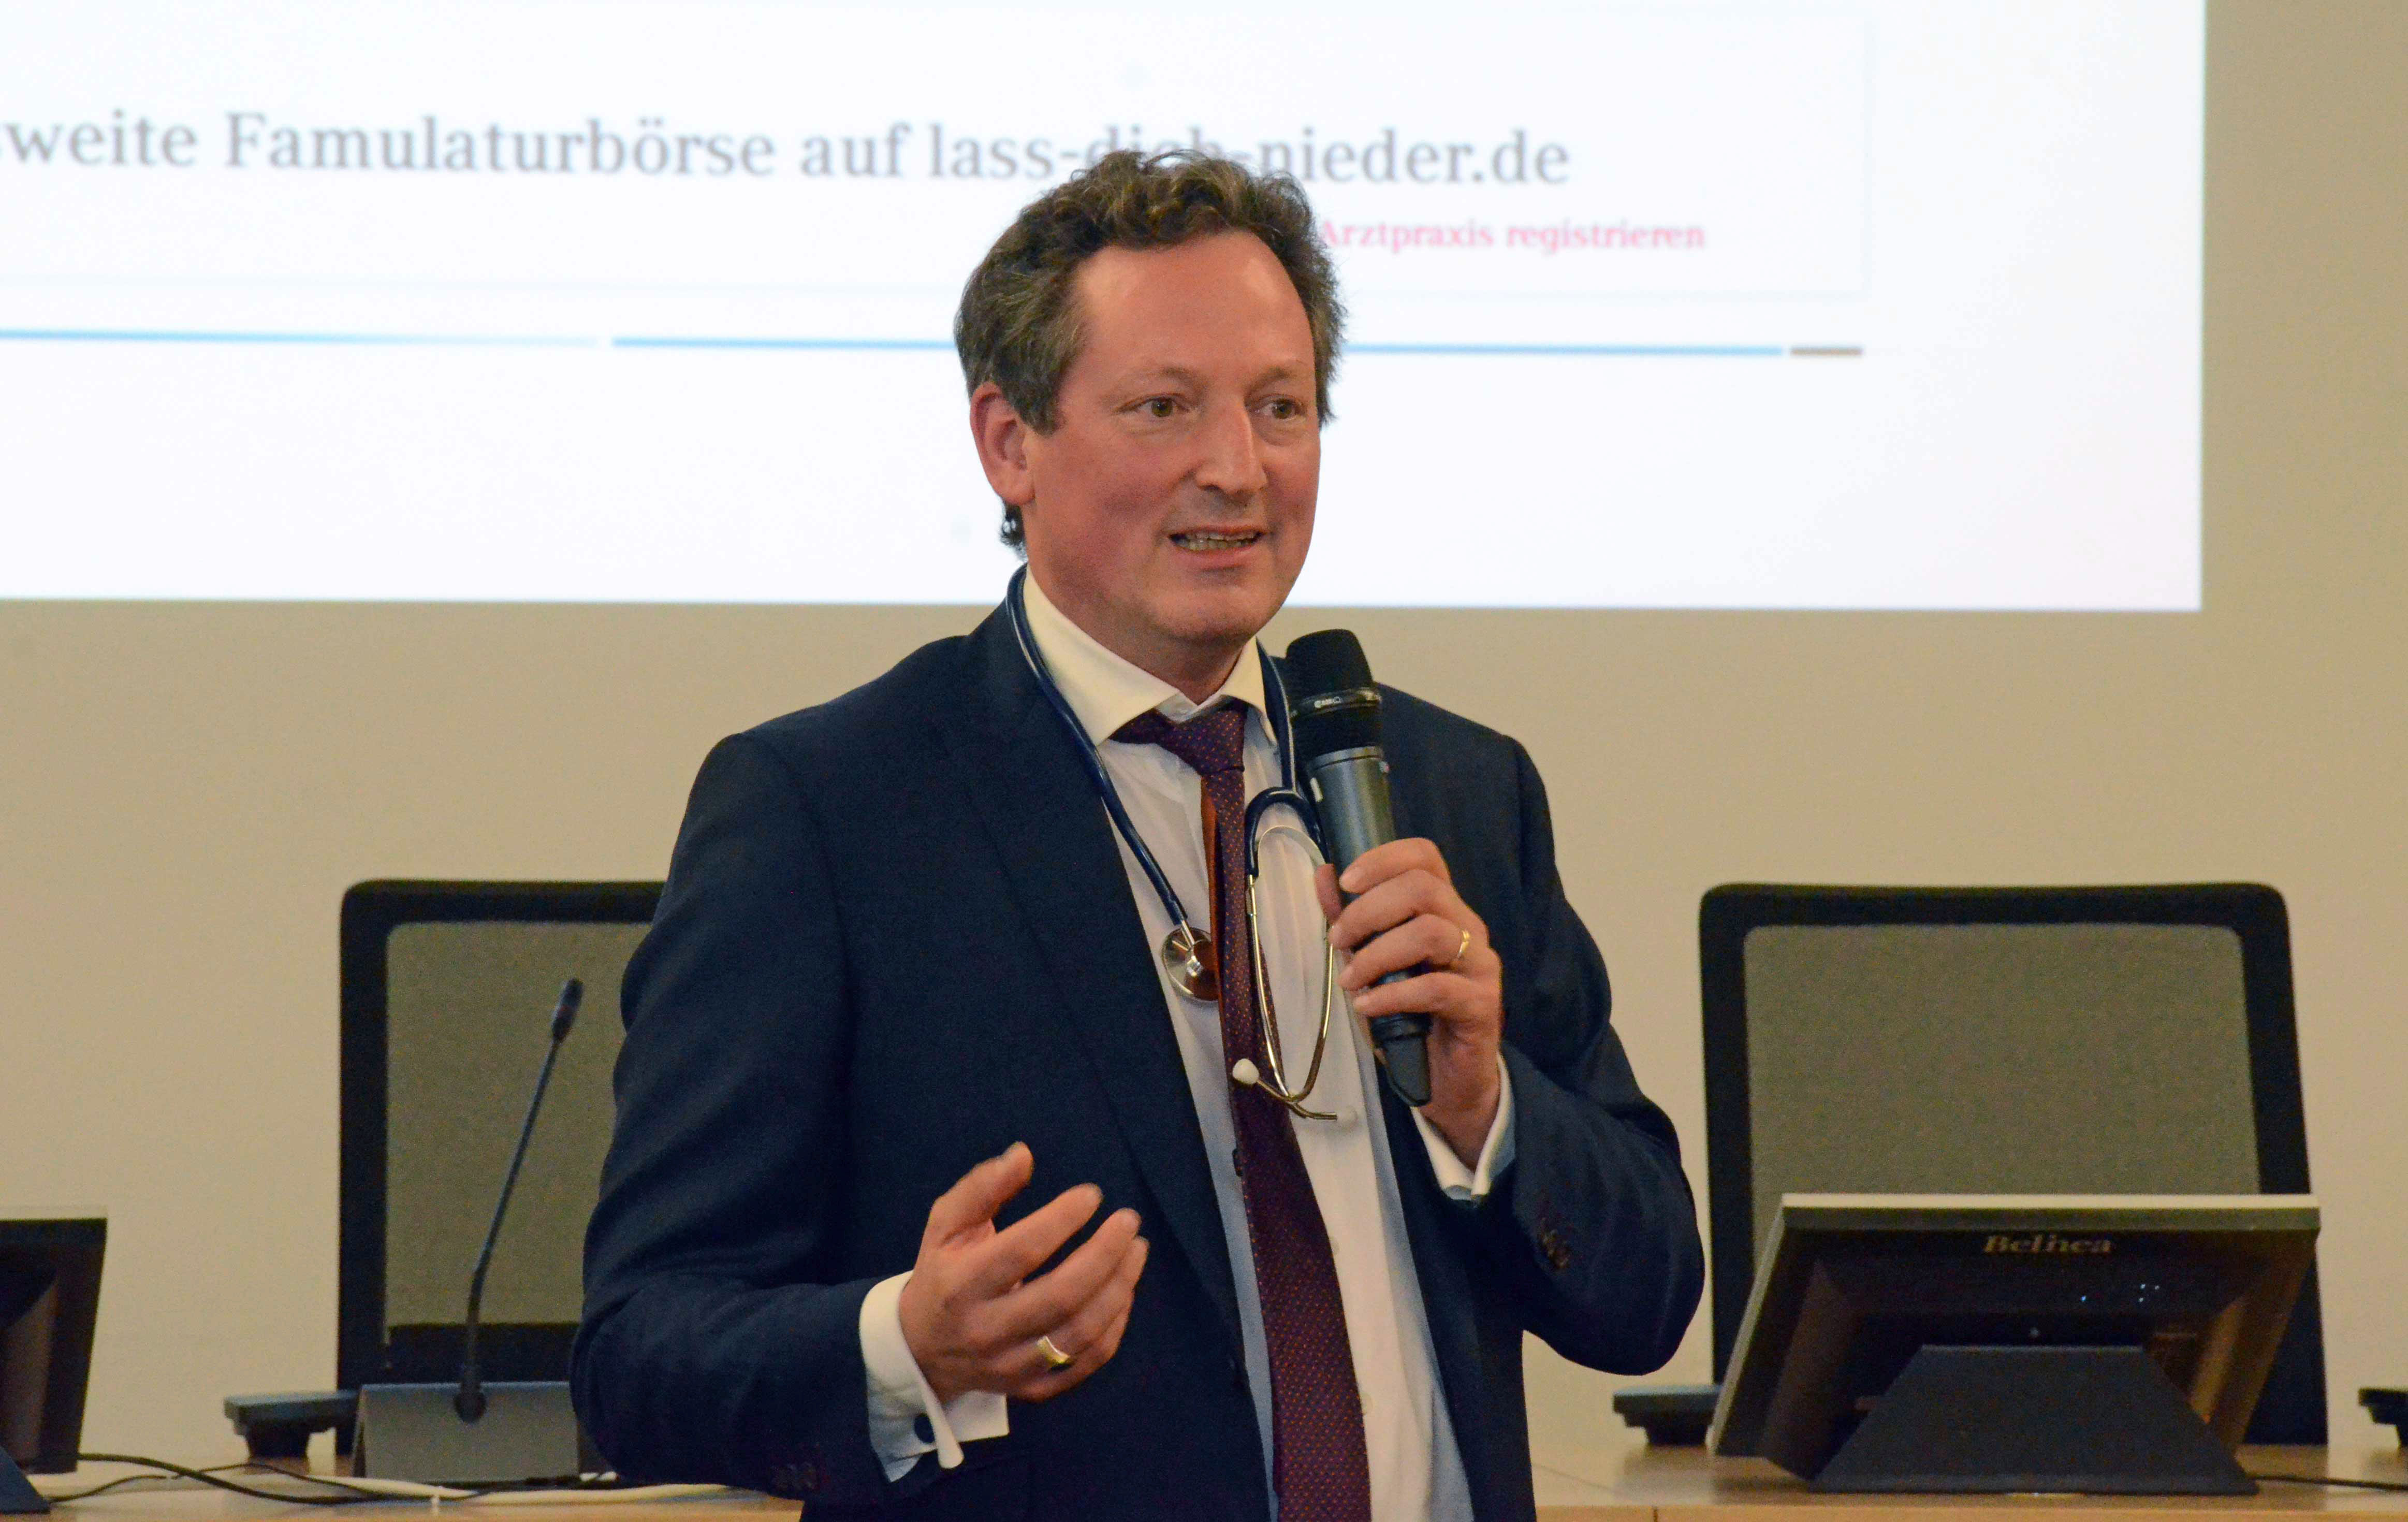 """Arzt und Autor Dr. Eckart von Hirschhausen: """"Die Funktion des Arztgespräches ist, einen Draht zum Patienten herzustellen.""""  (Foto: Meike Ackermann, KBV)"""